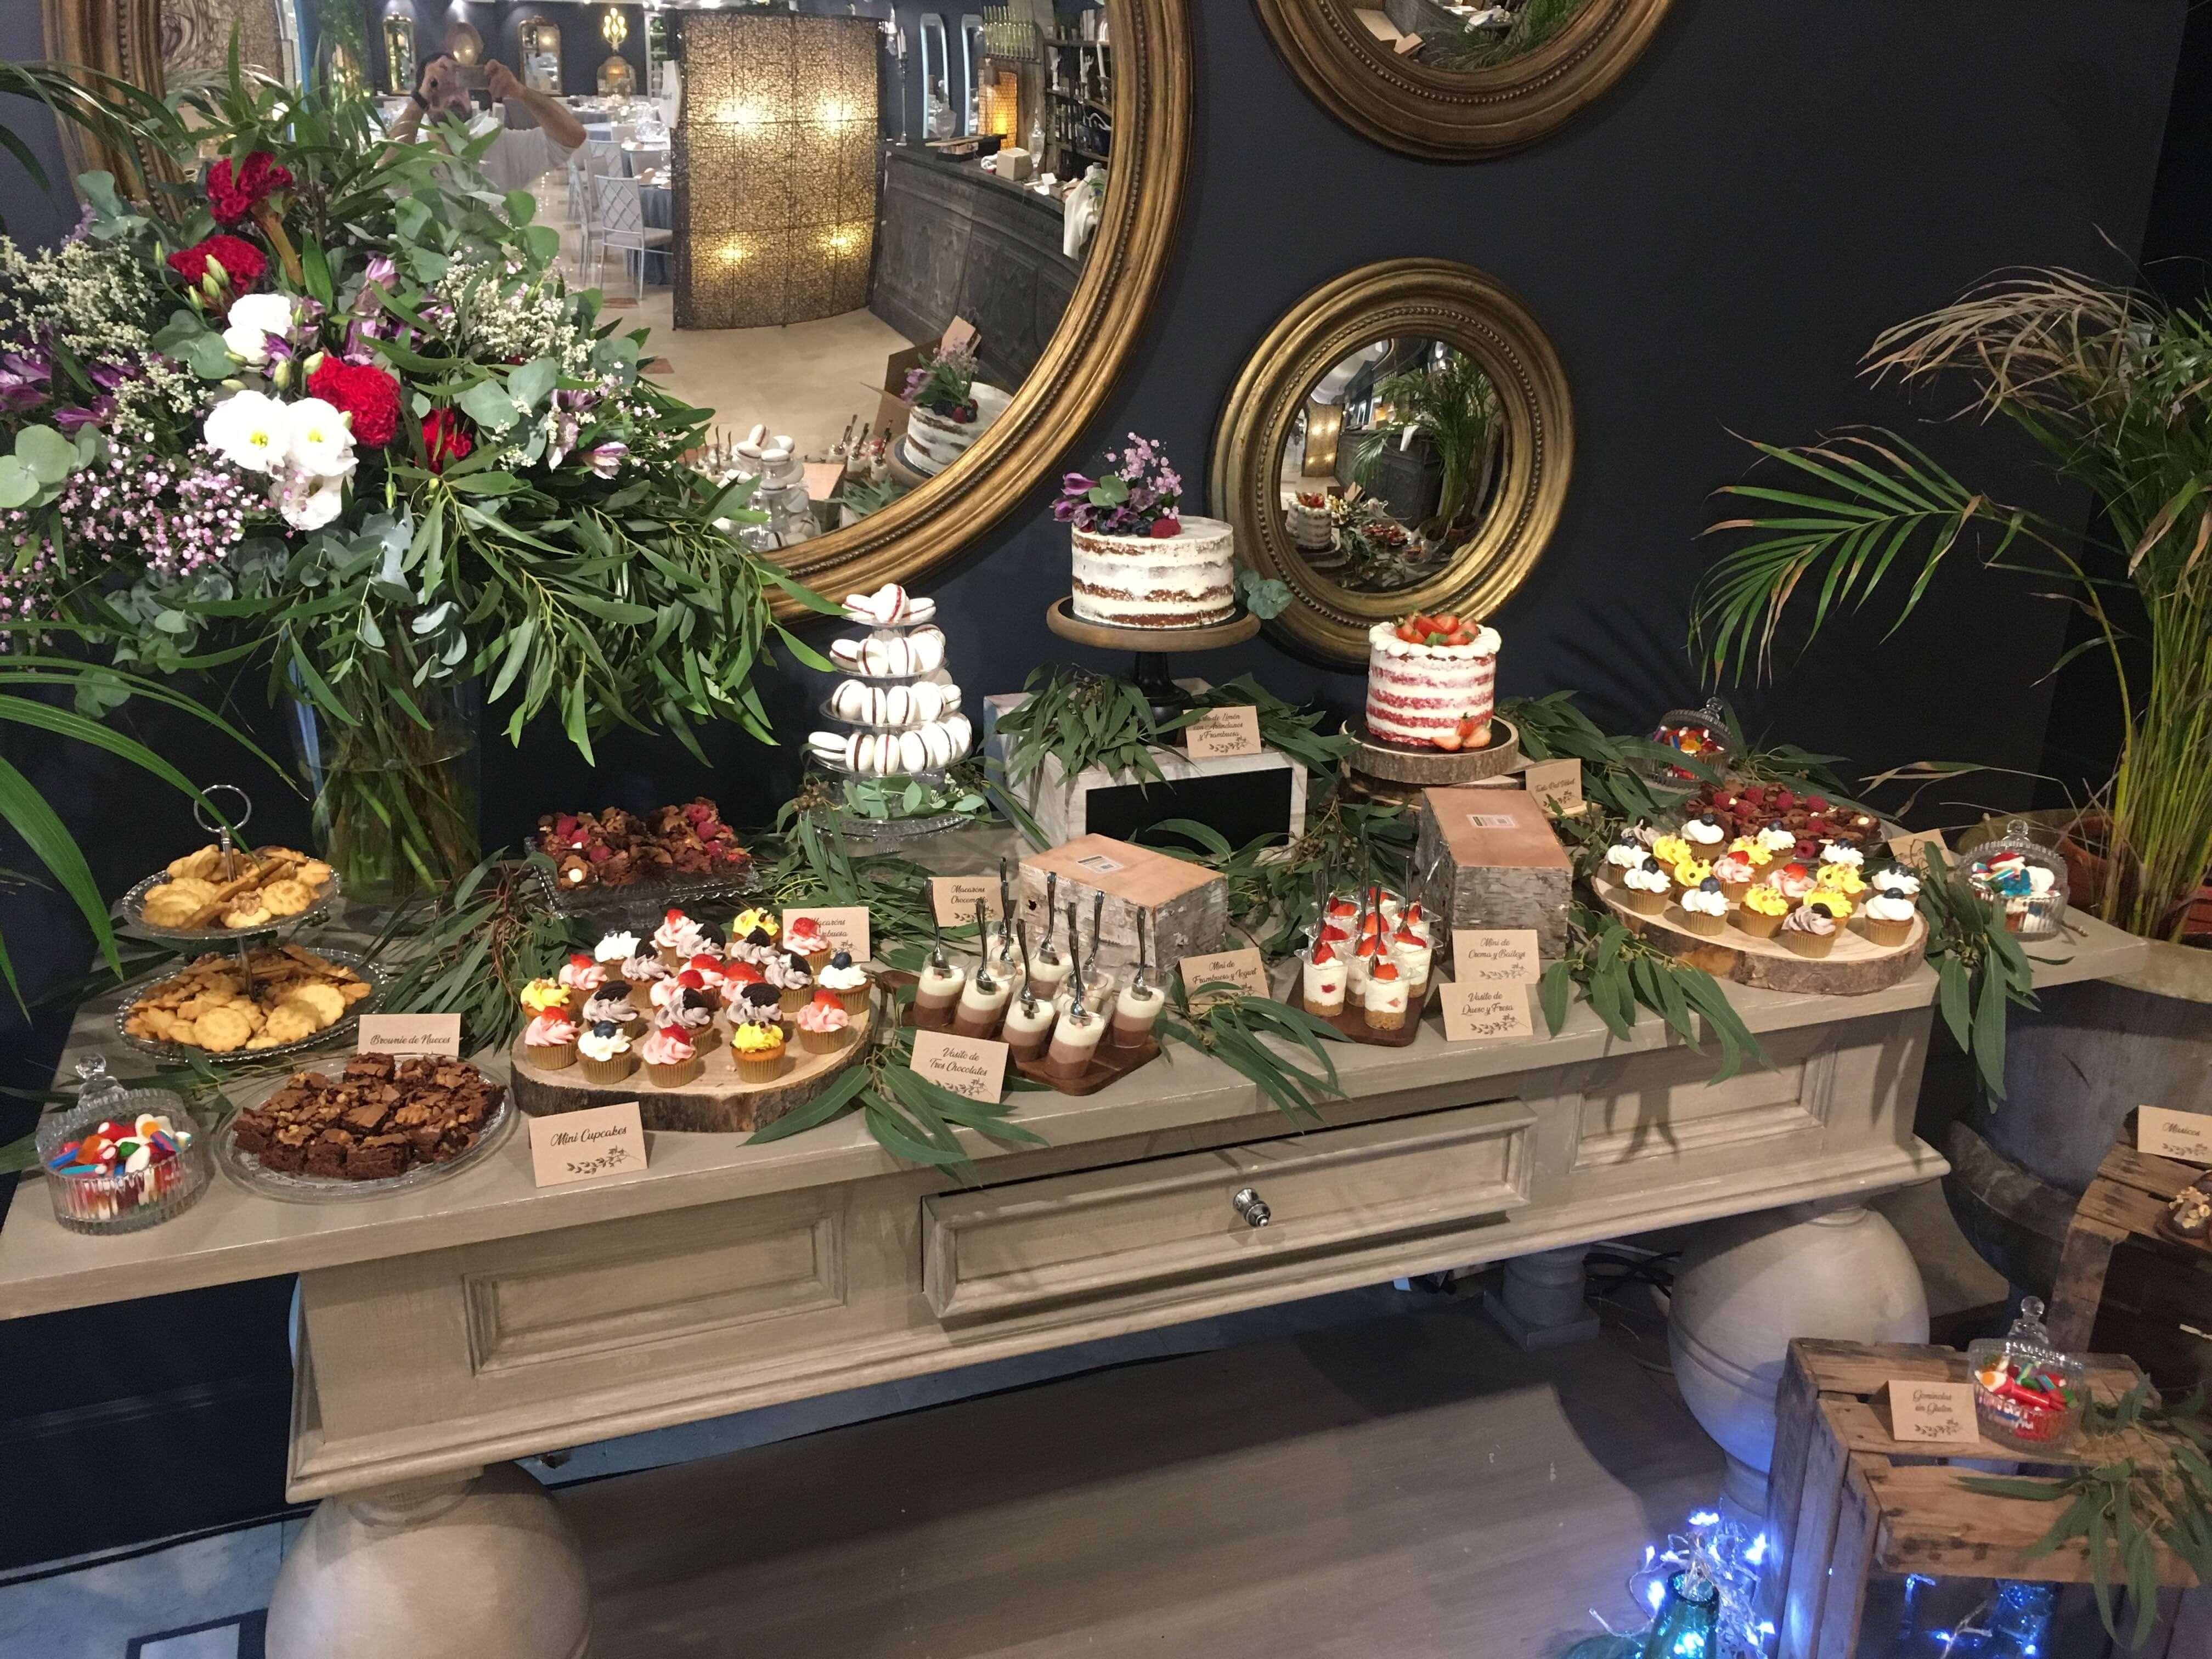 mesa dulce coruña boda comunión bautizo eventos cumpleaños